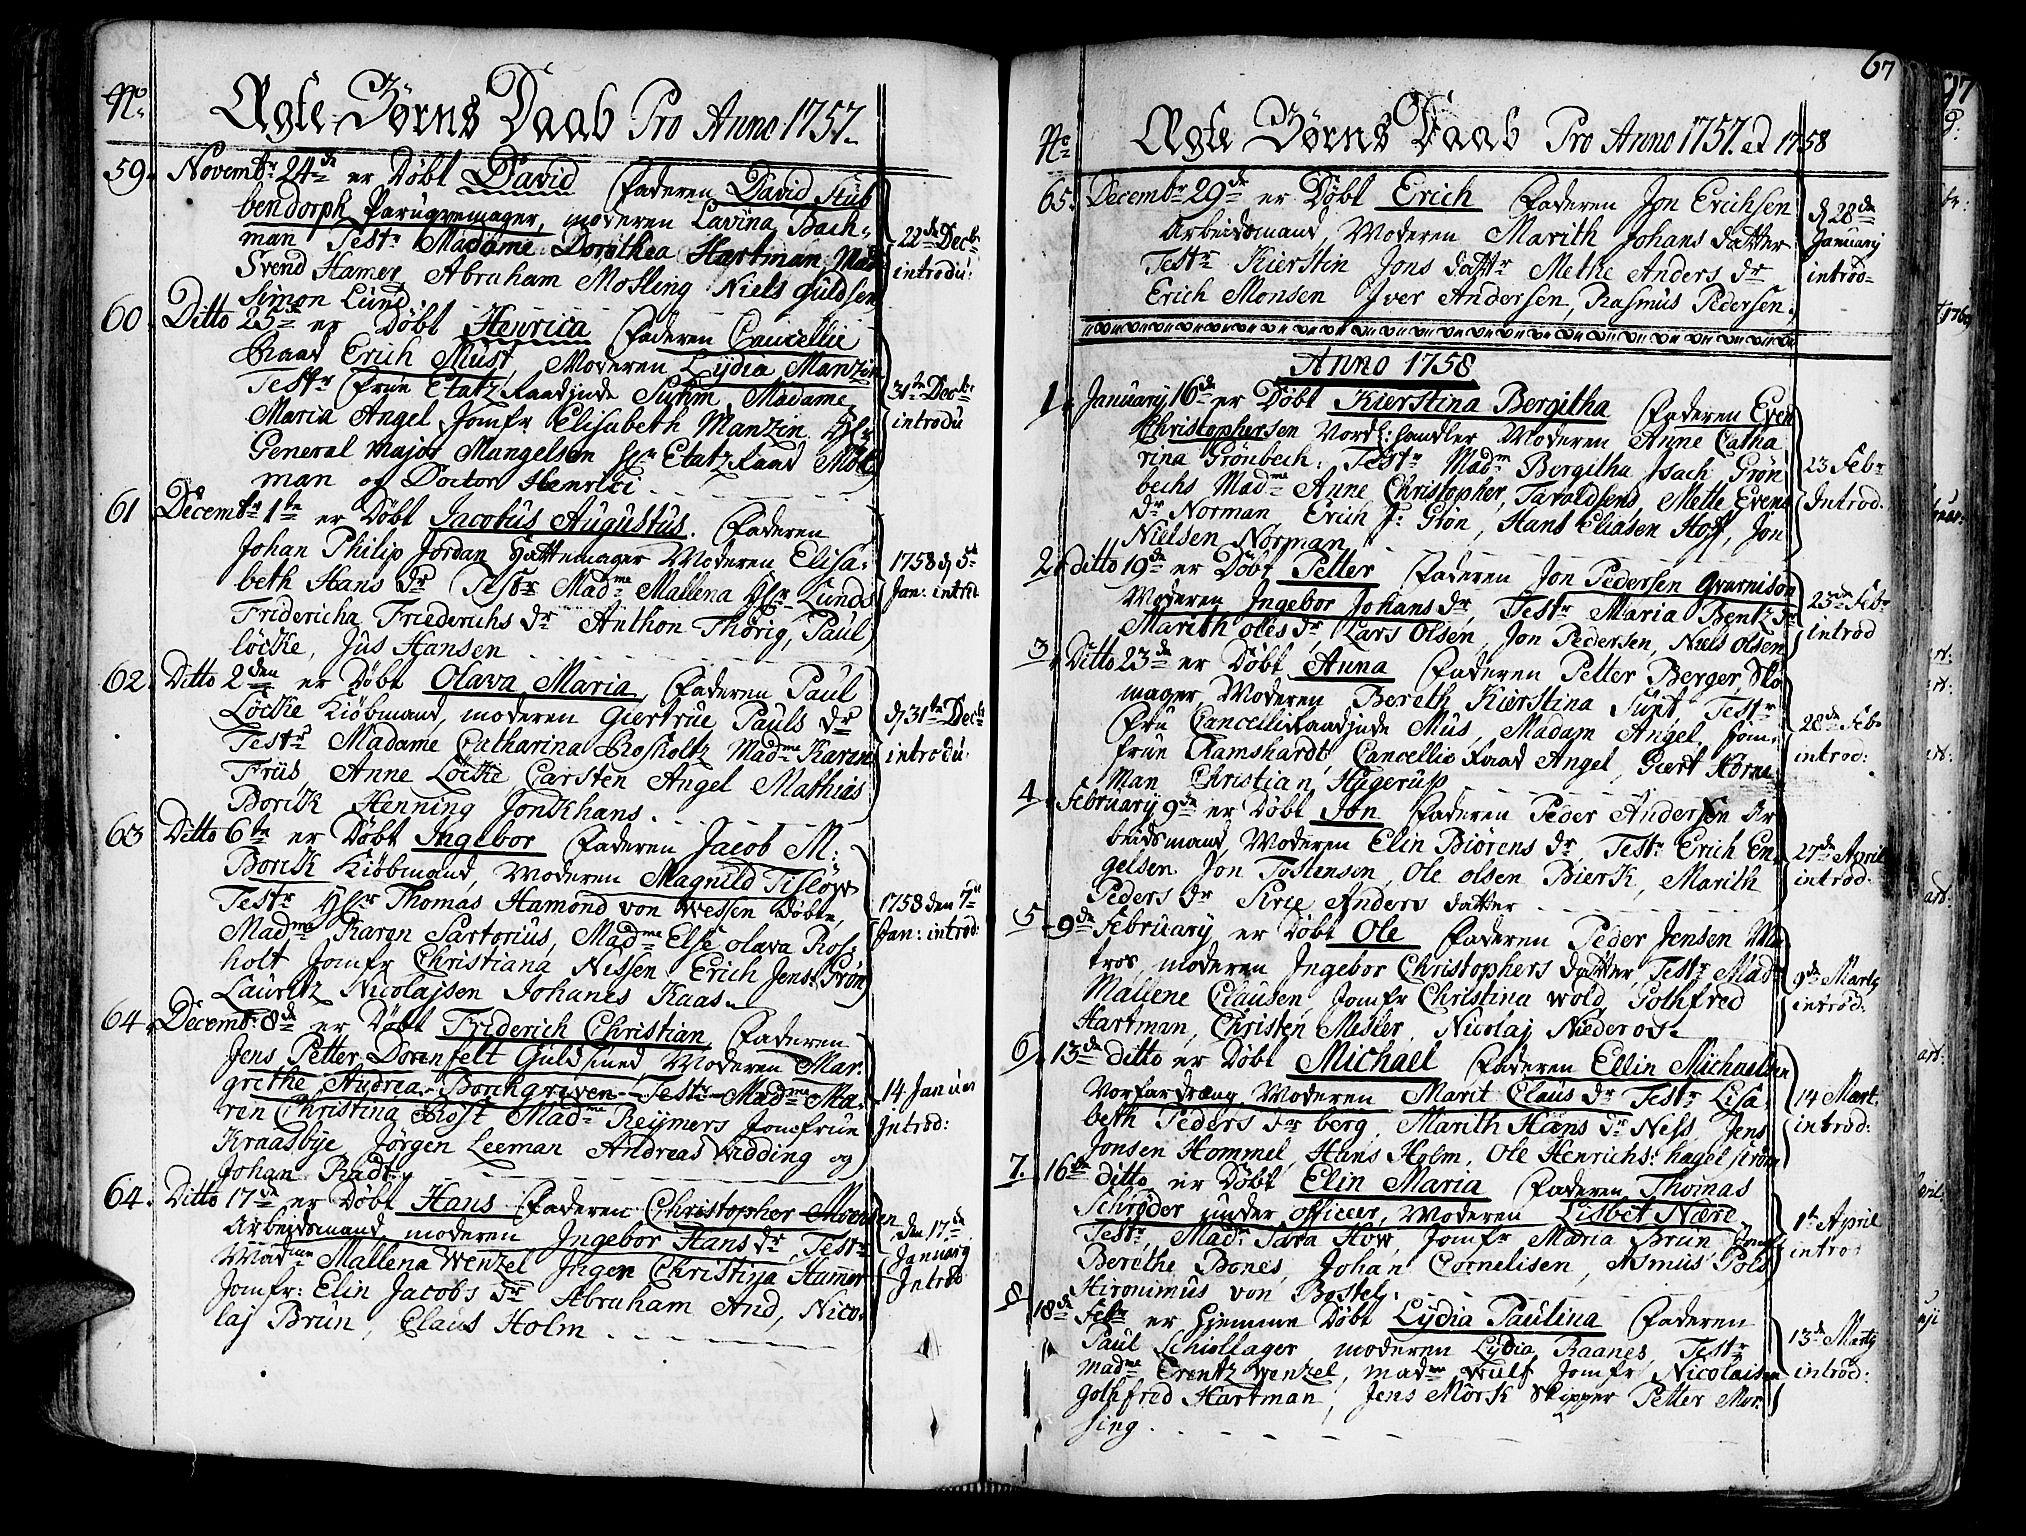 SAT, Ministerialprotokoller, klokkerbøker og fødselsregistre - Sør-Trøndelag, 602/L0103: Ministerialbok nr. 602A01, 1732-1774, s. 67